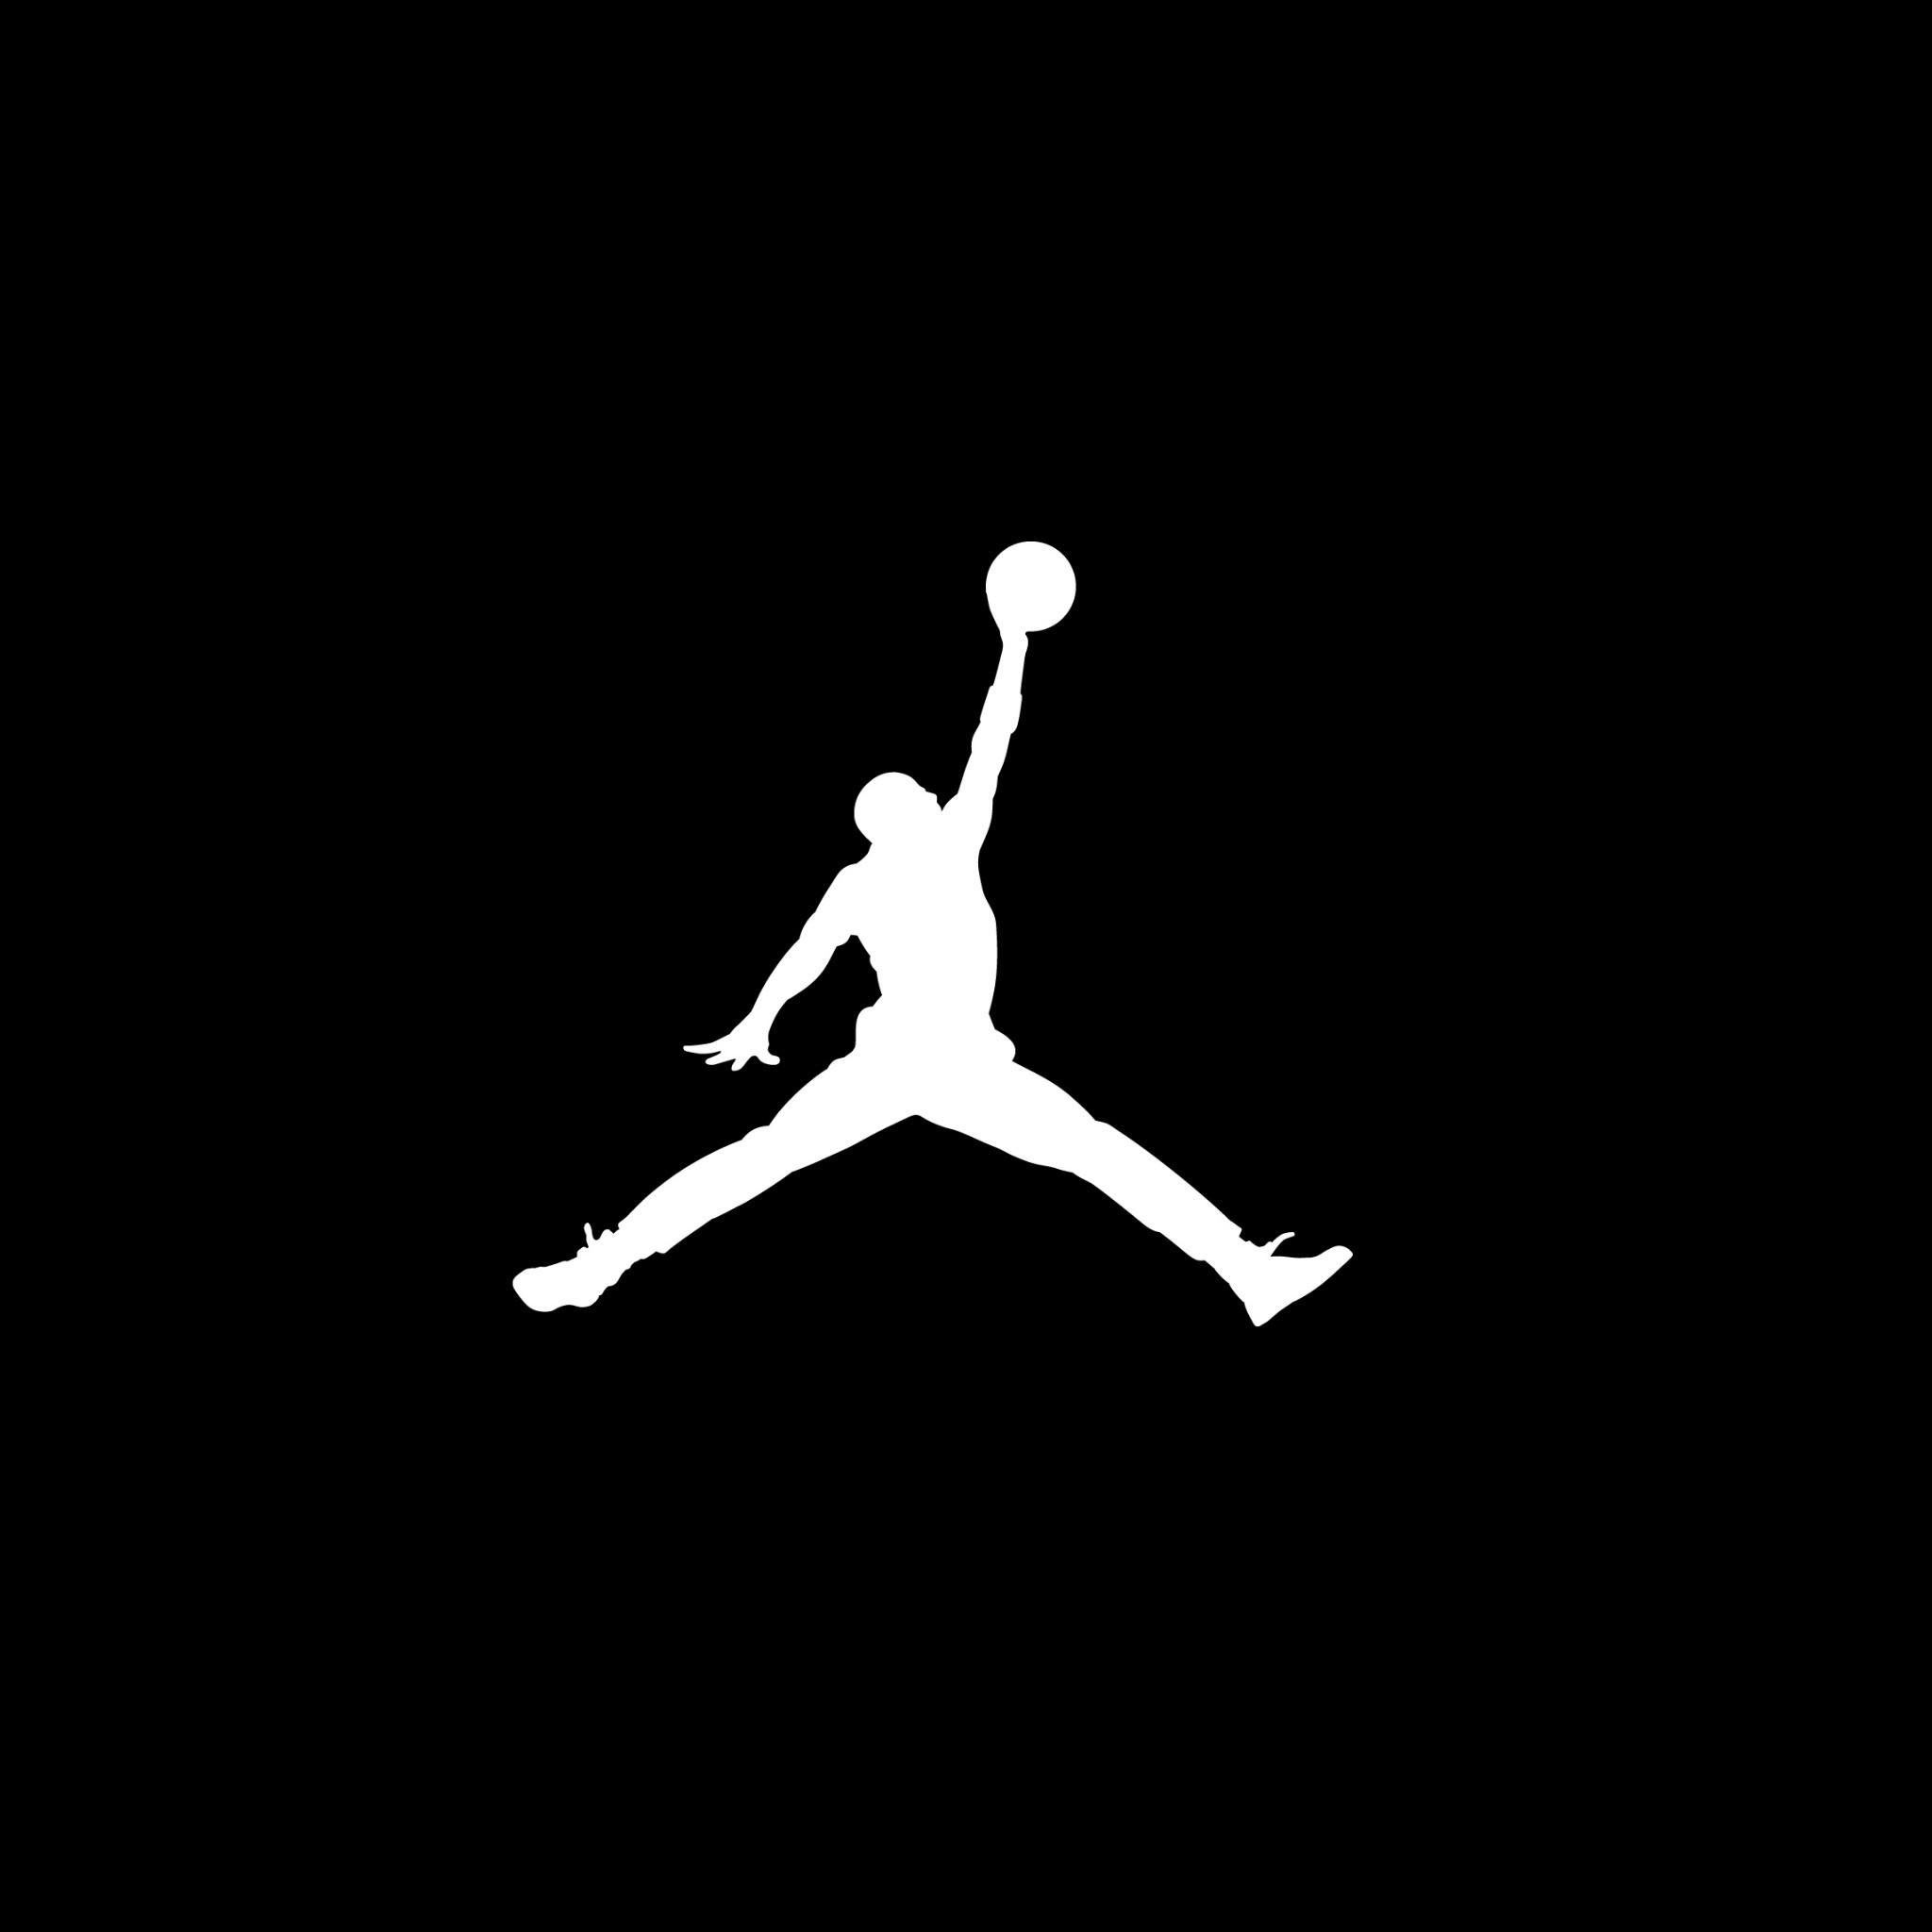 84d0126b2c791c 2048x2048 Air Jordan Logo - Tap to see more amazing air jordan shoes  wallpaper!